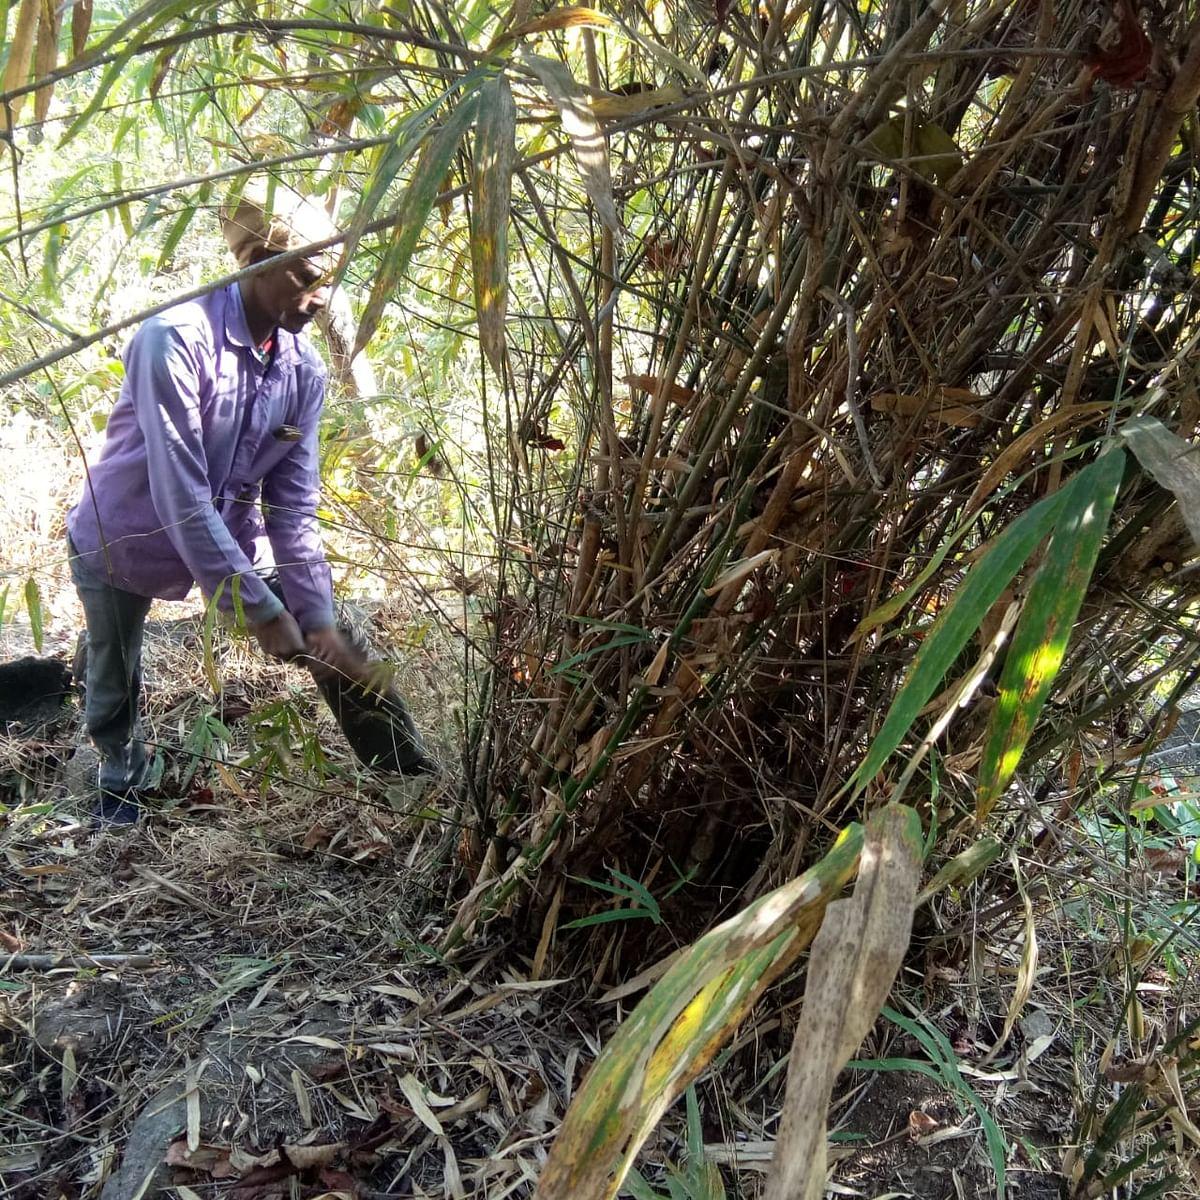 Bamboo Cultivation : अंग्रेजों के जमाने में बांस की खेती के लिए फेमस था बोकारो का झुमरा पहाड़, अवैध कटाई ने छीनी हरियाली, अब ऐसे किया जा रहा बांसों का संरक्षण